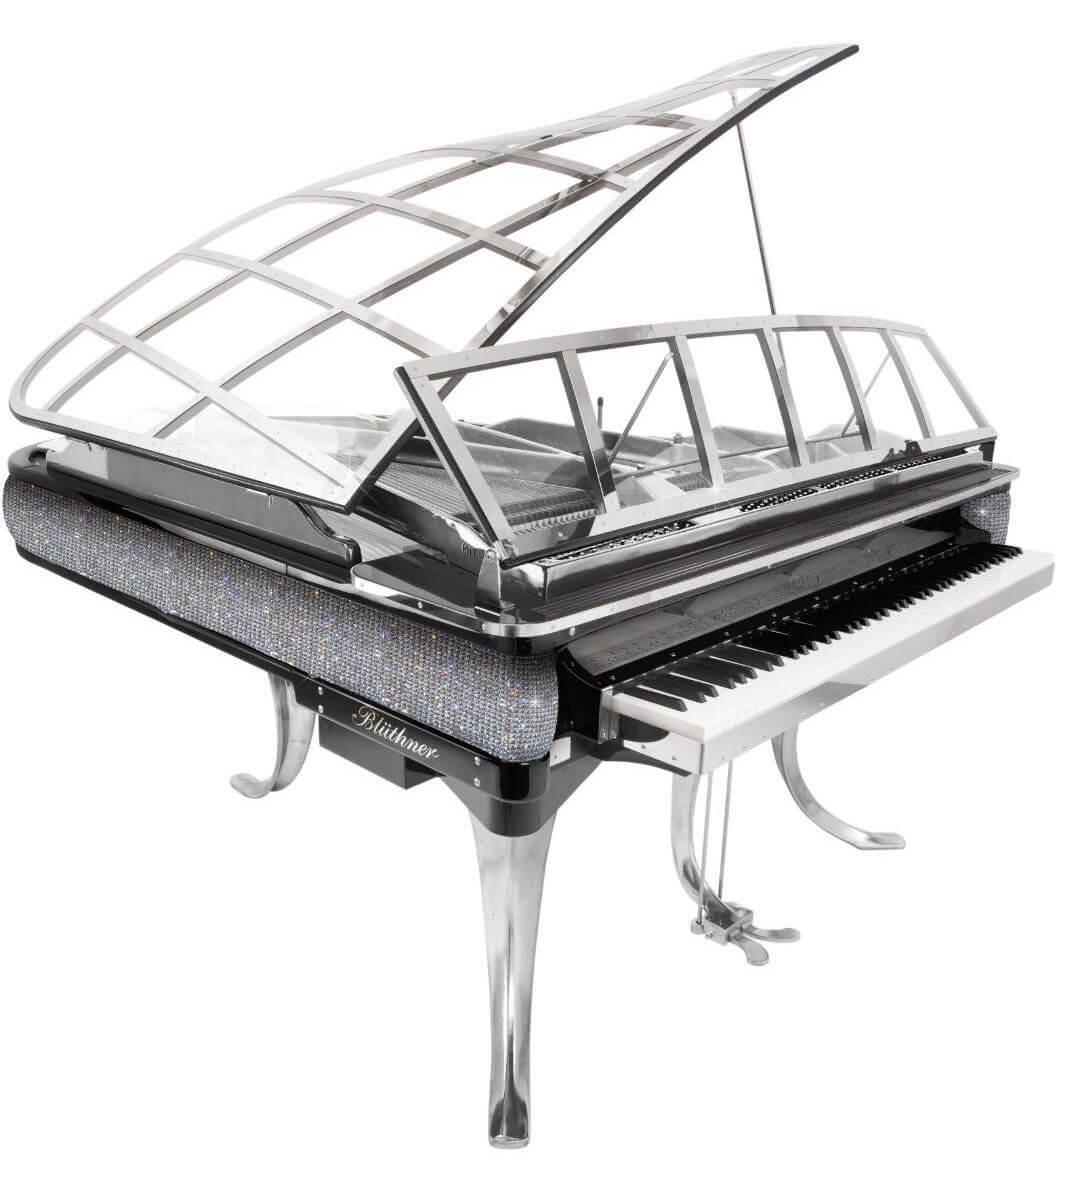 Bluthner ph swarovski crystal piano